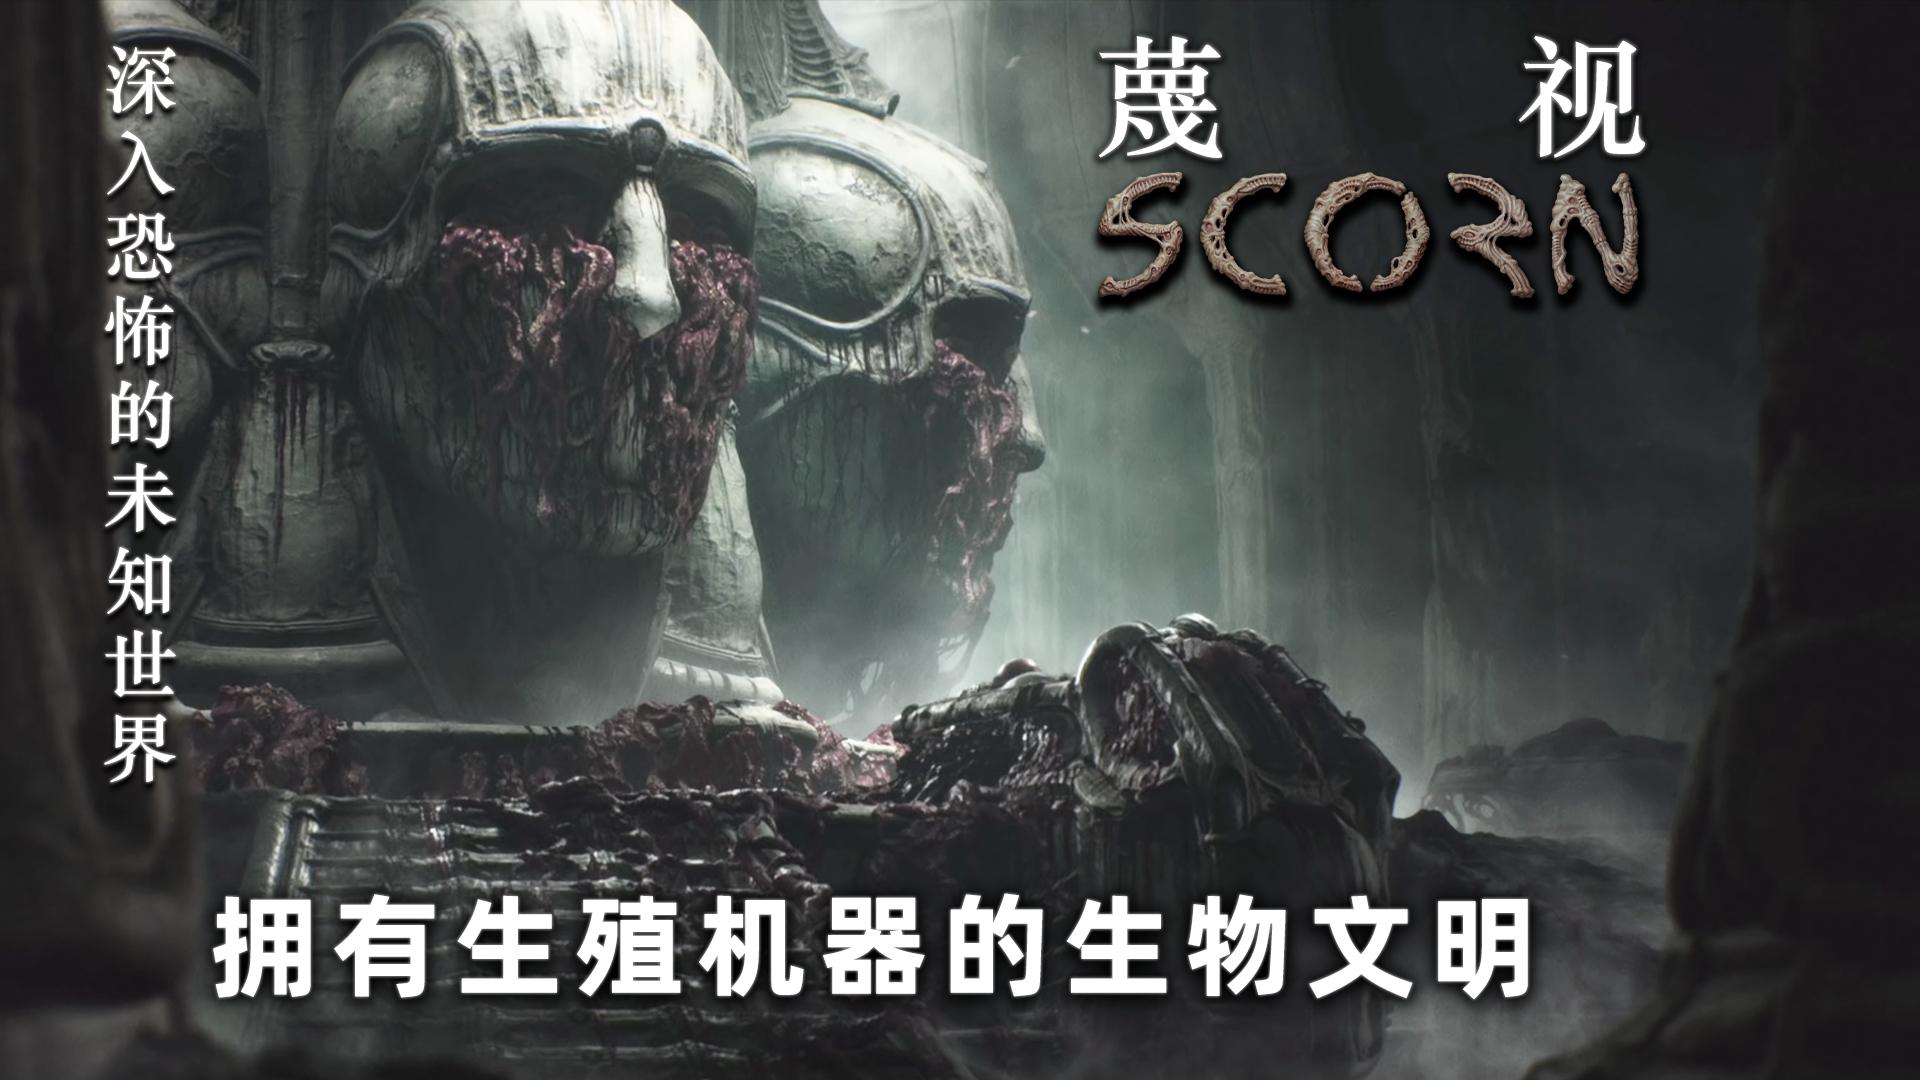 【蔑视(Scorn)】一年解包研究终得证实!拥有生殖机器的生物文明!